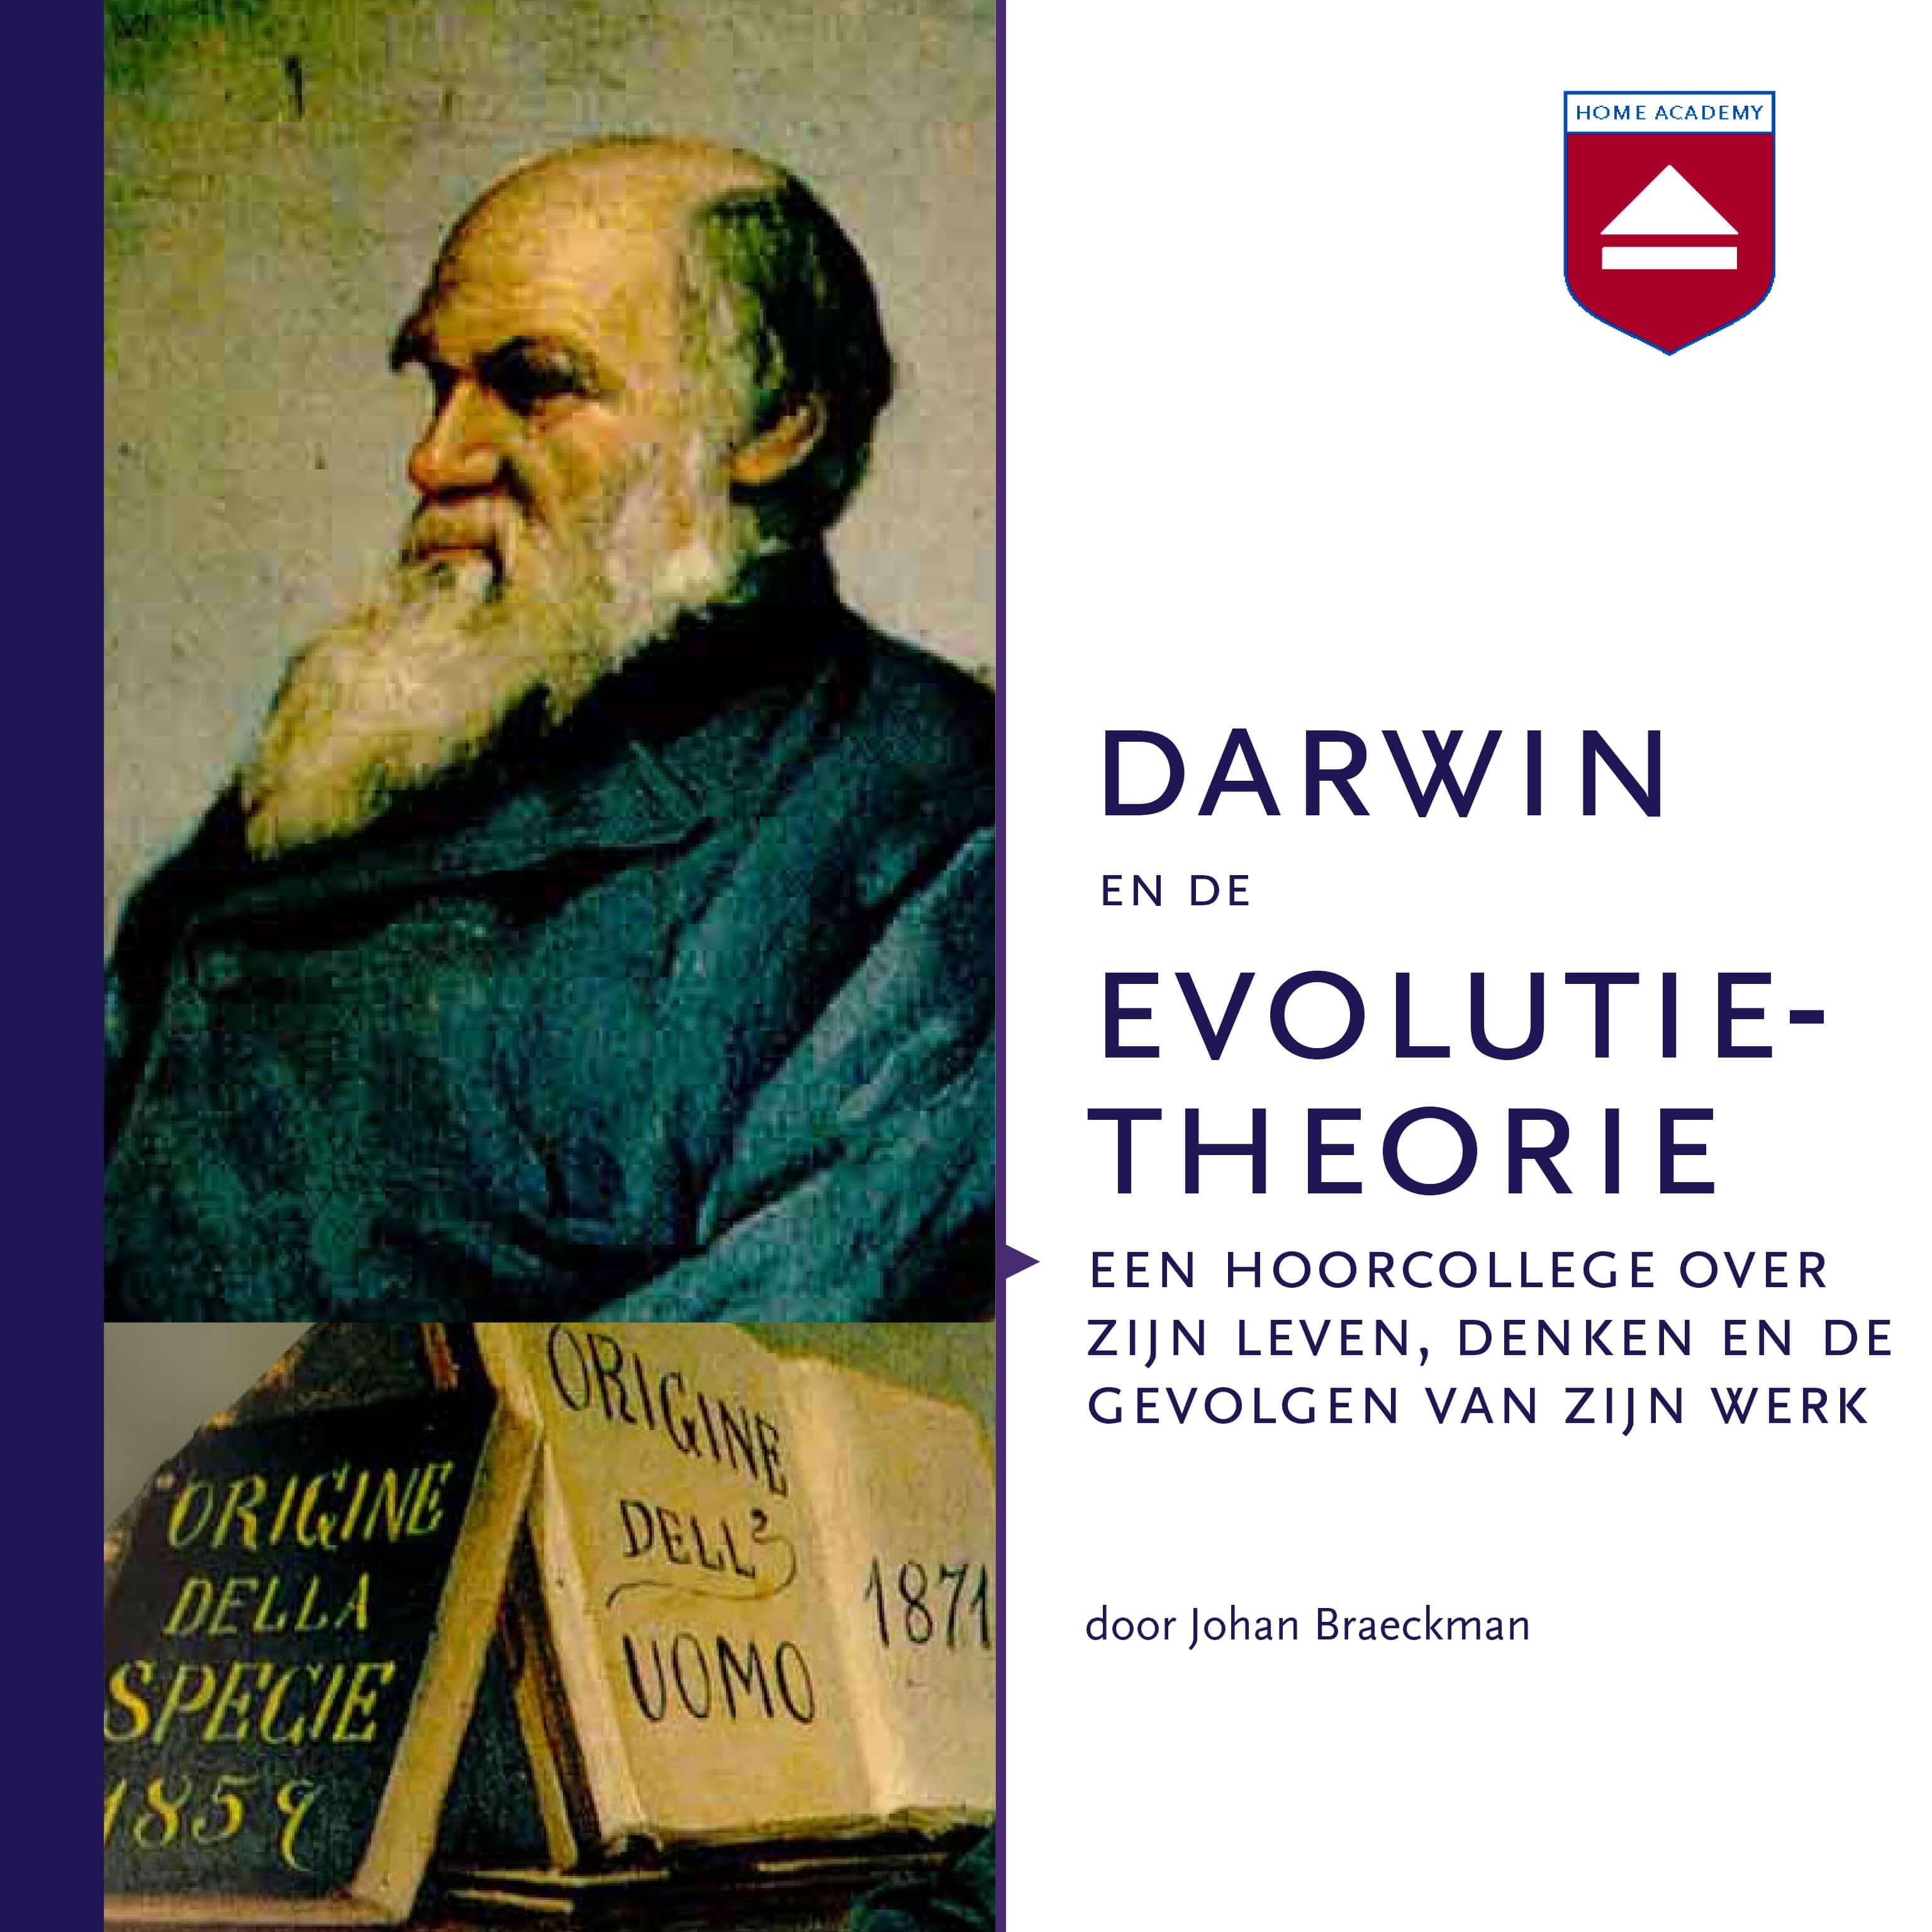 Darwin en de evolutietheorie - hoorcolleges Home Academy